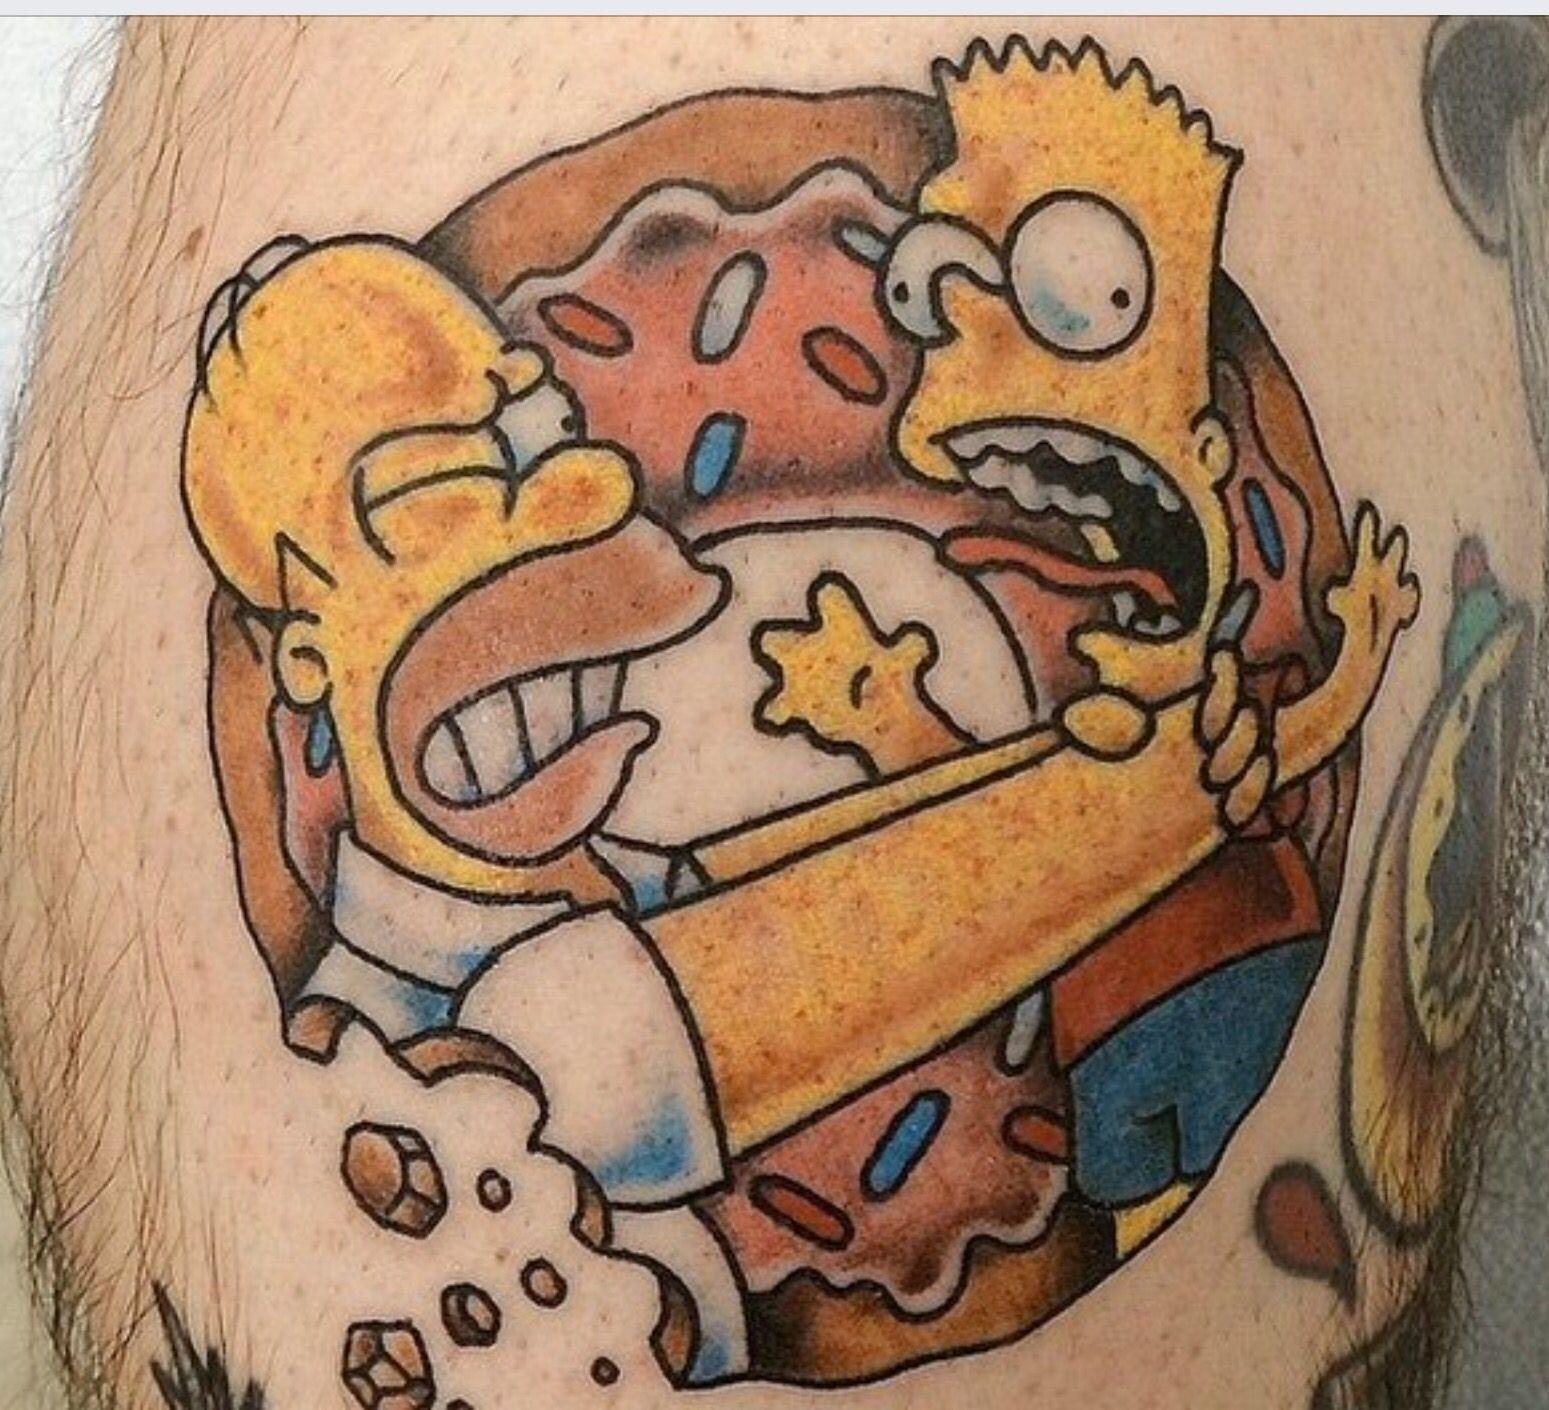 Bart Homer Tatuaje De Los Simpsons Tatuajes De Monos Tatuajes De Dibujos Animados